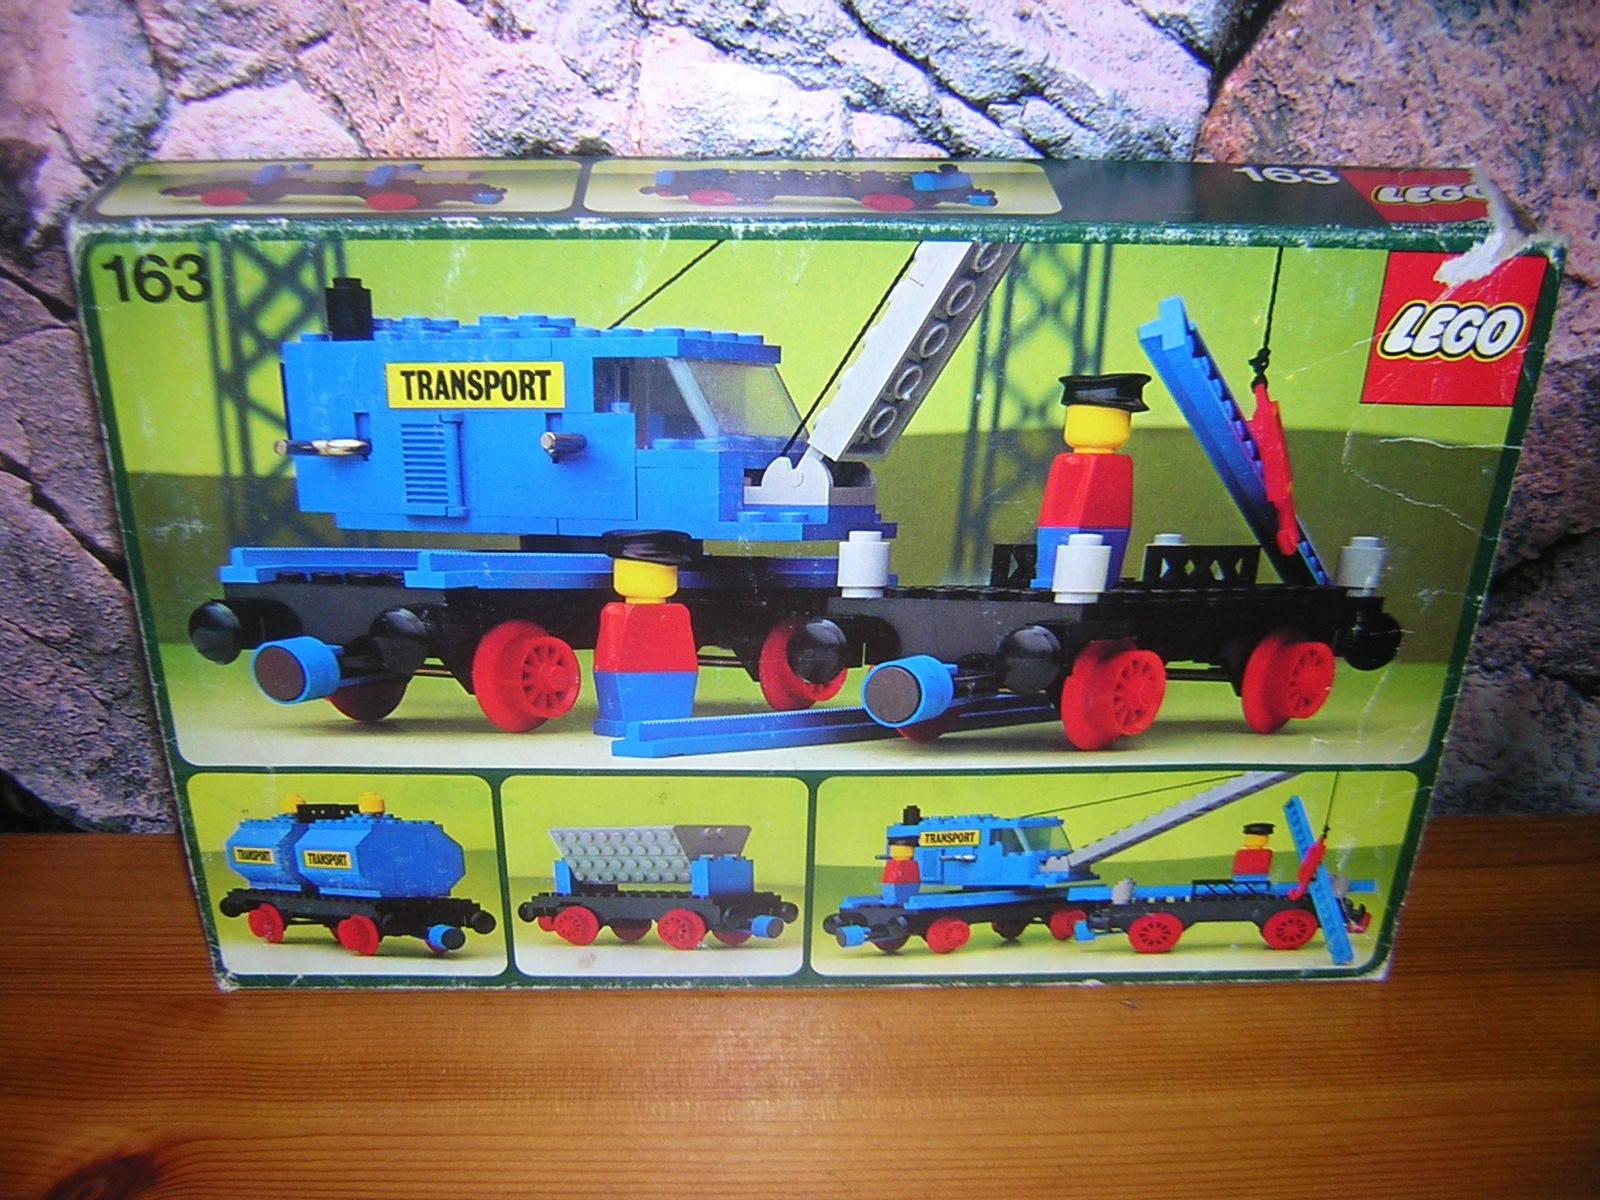 ( HK ) LEGO CLASIC Tren Tren Tren 128 162 163 emb.orig BA 4,5v 9v 12v 723e60